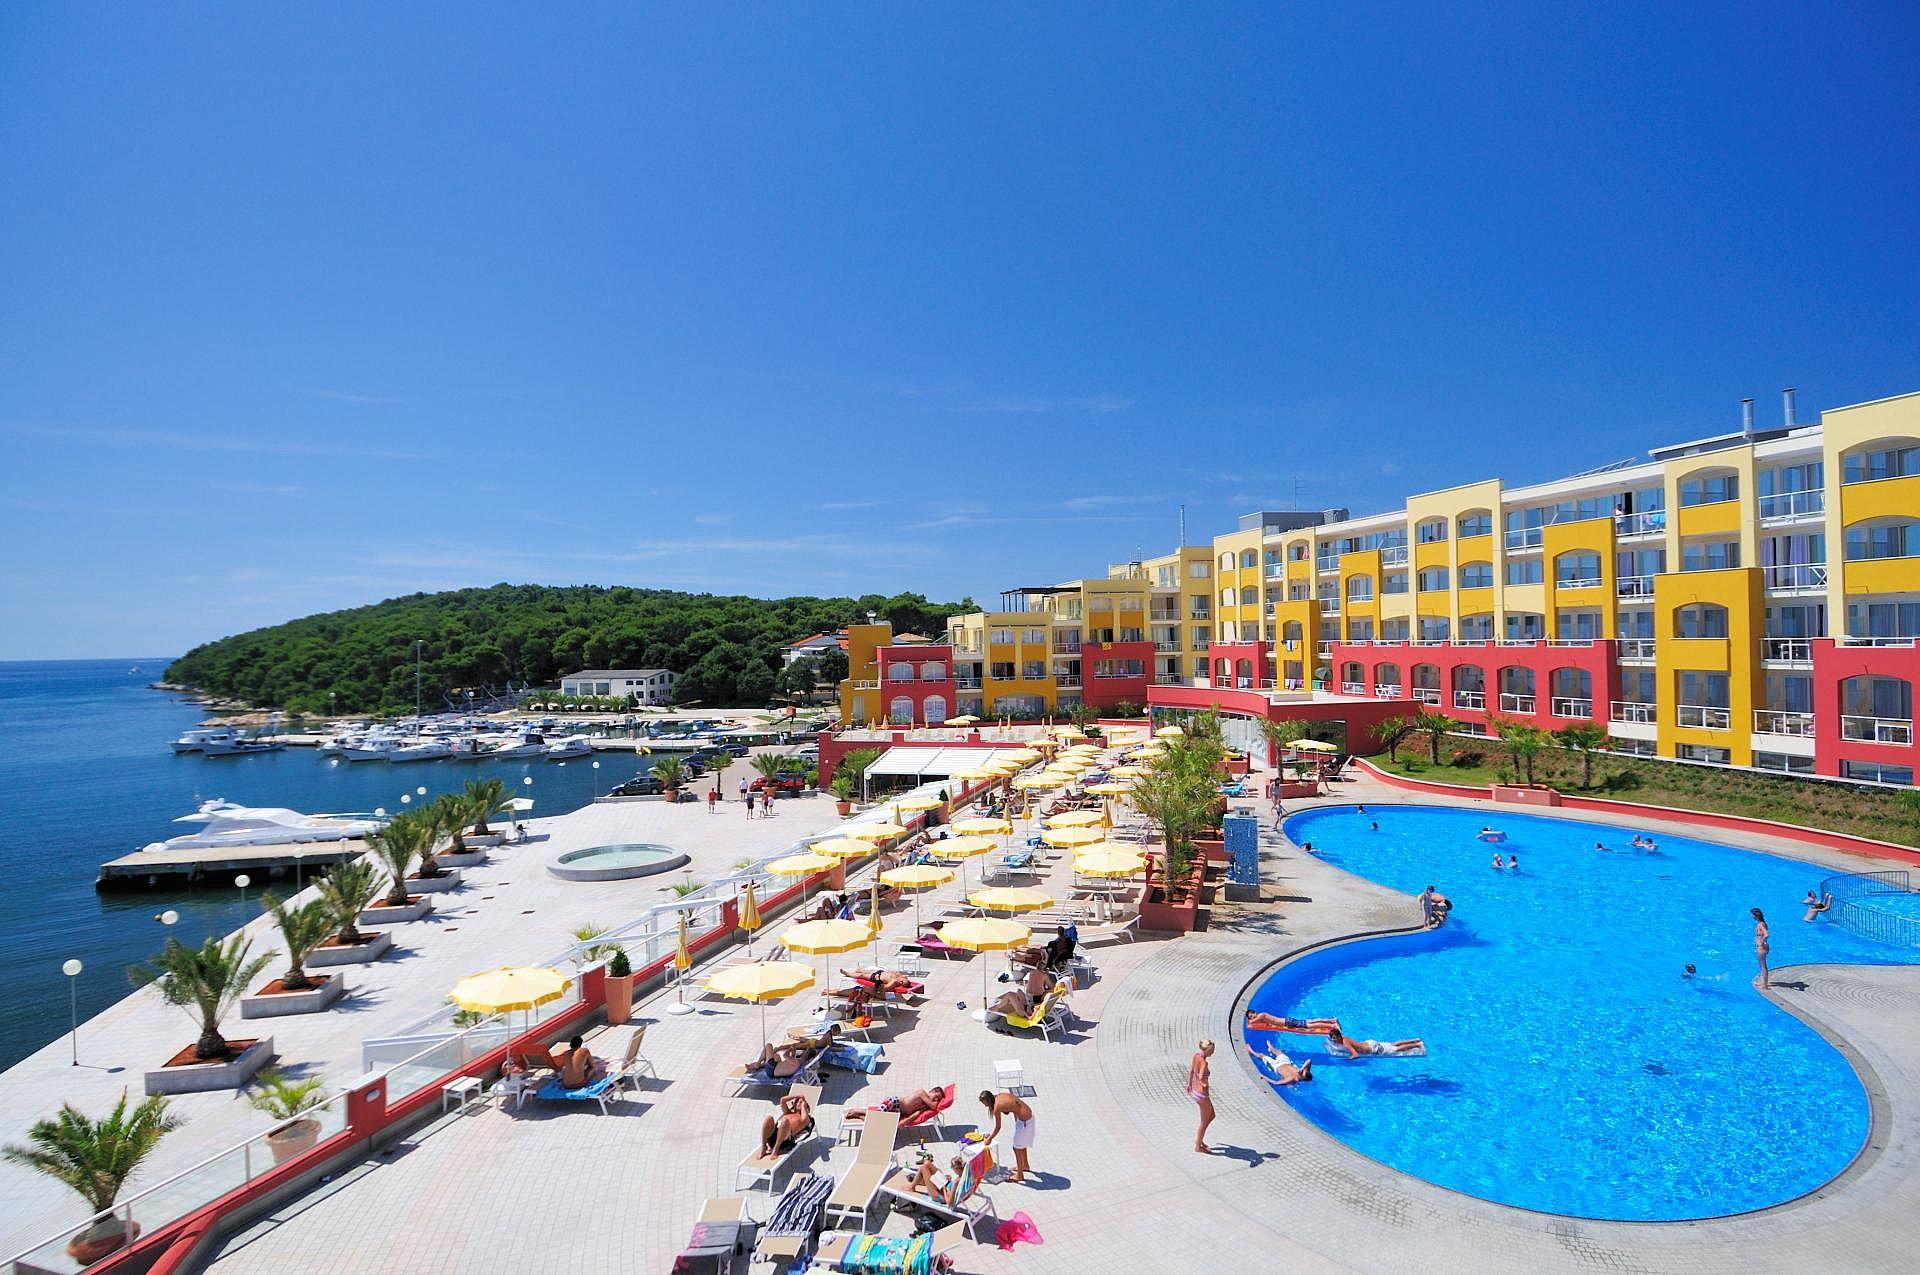 Sterne Hotel Resort Centinera Bewertung